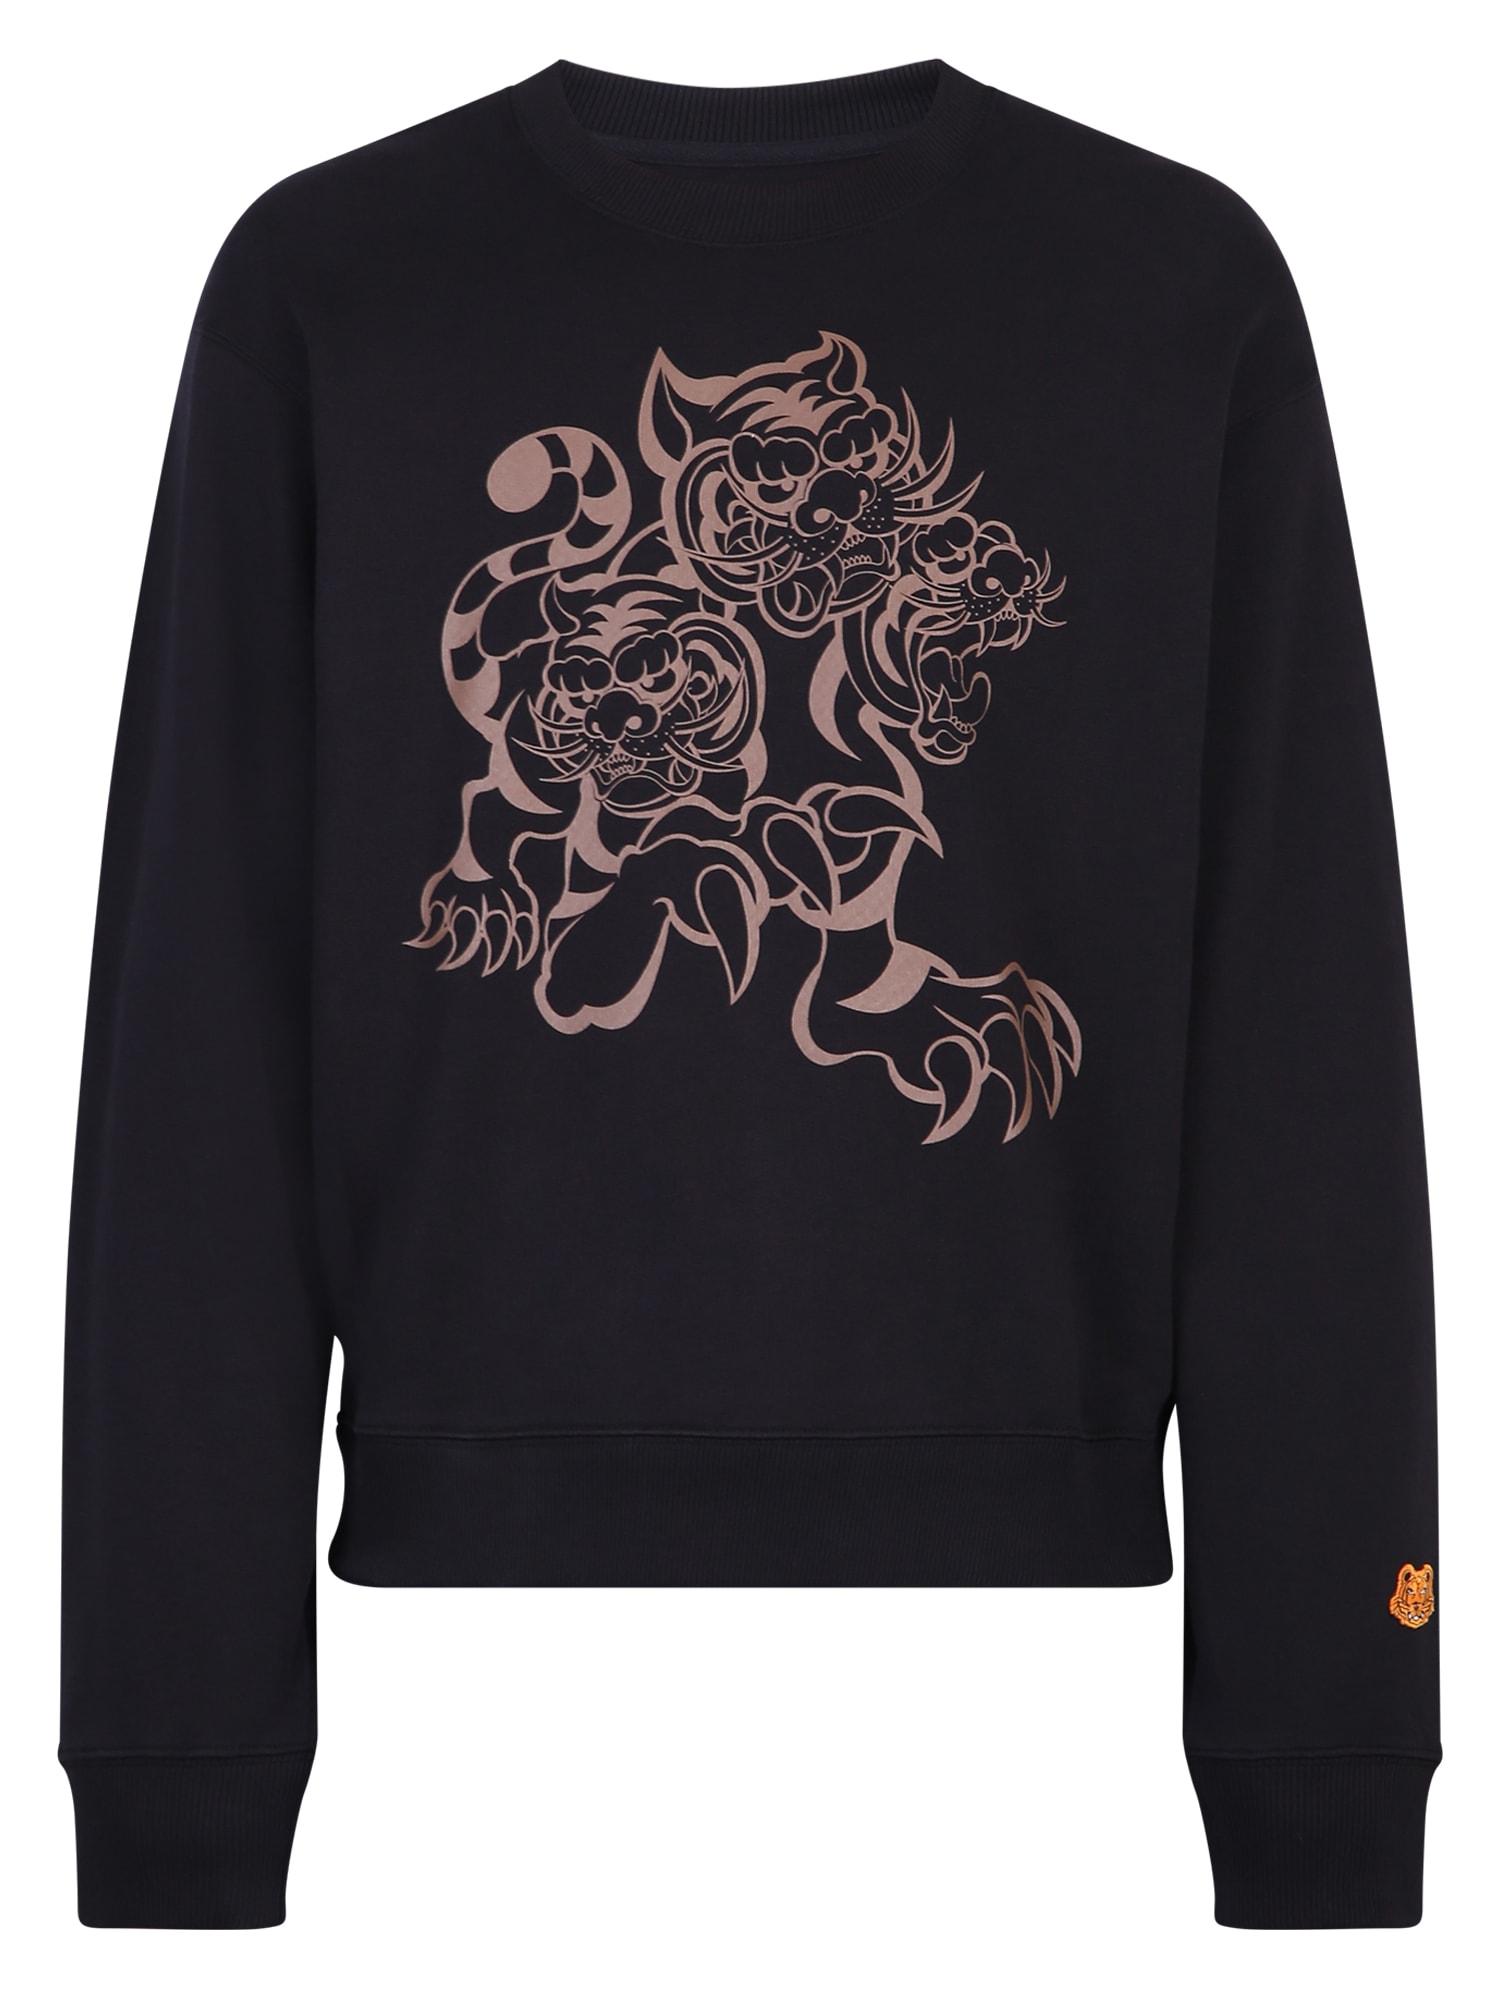 Kenzo Printed Sweatshirt In Black